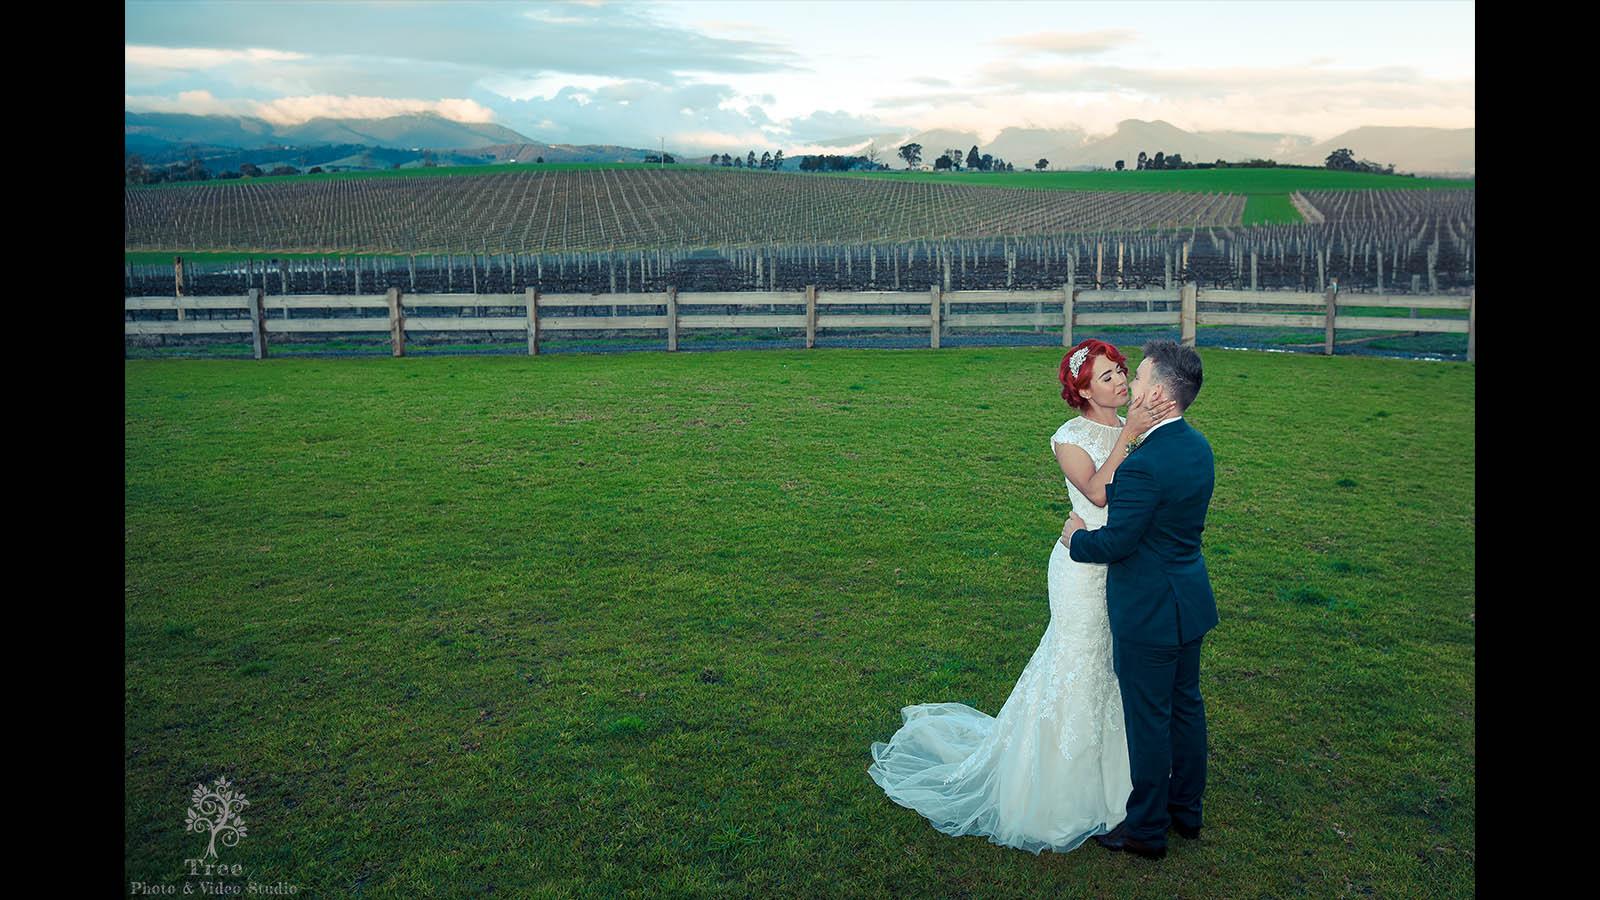 Zonzo Wedding Location 3